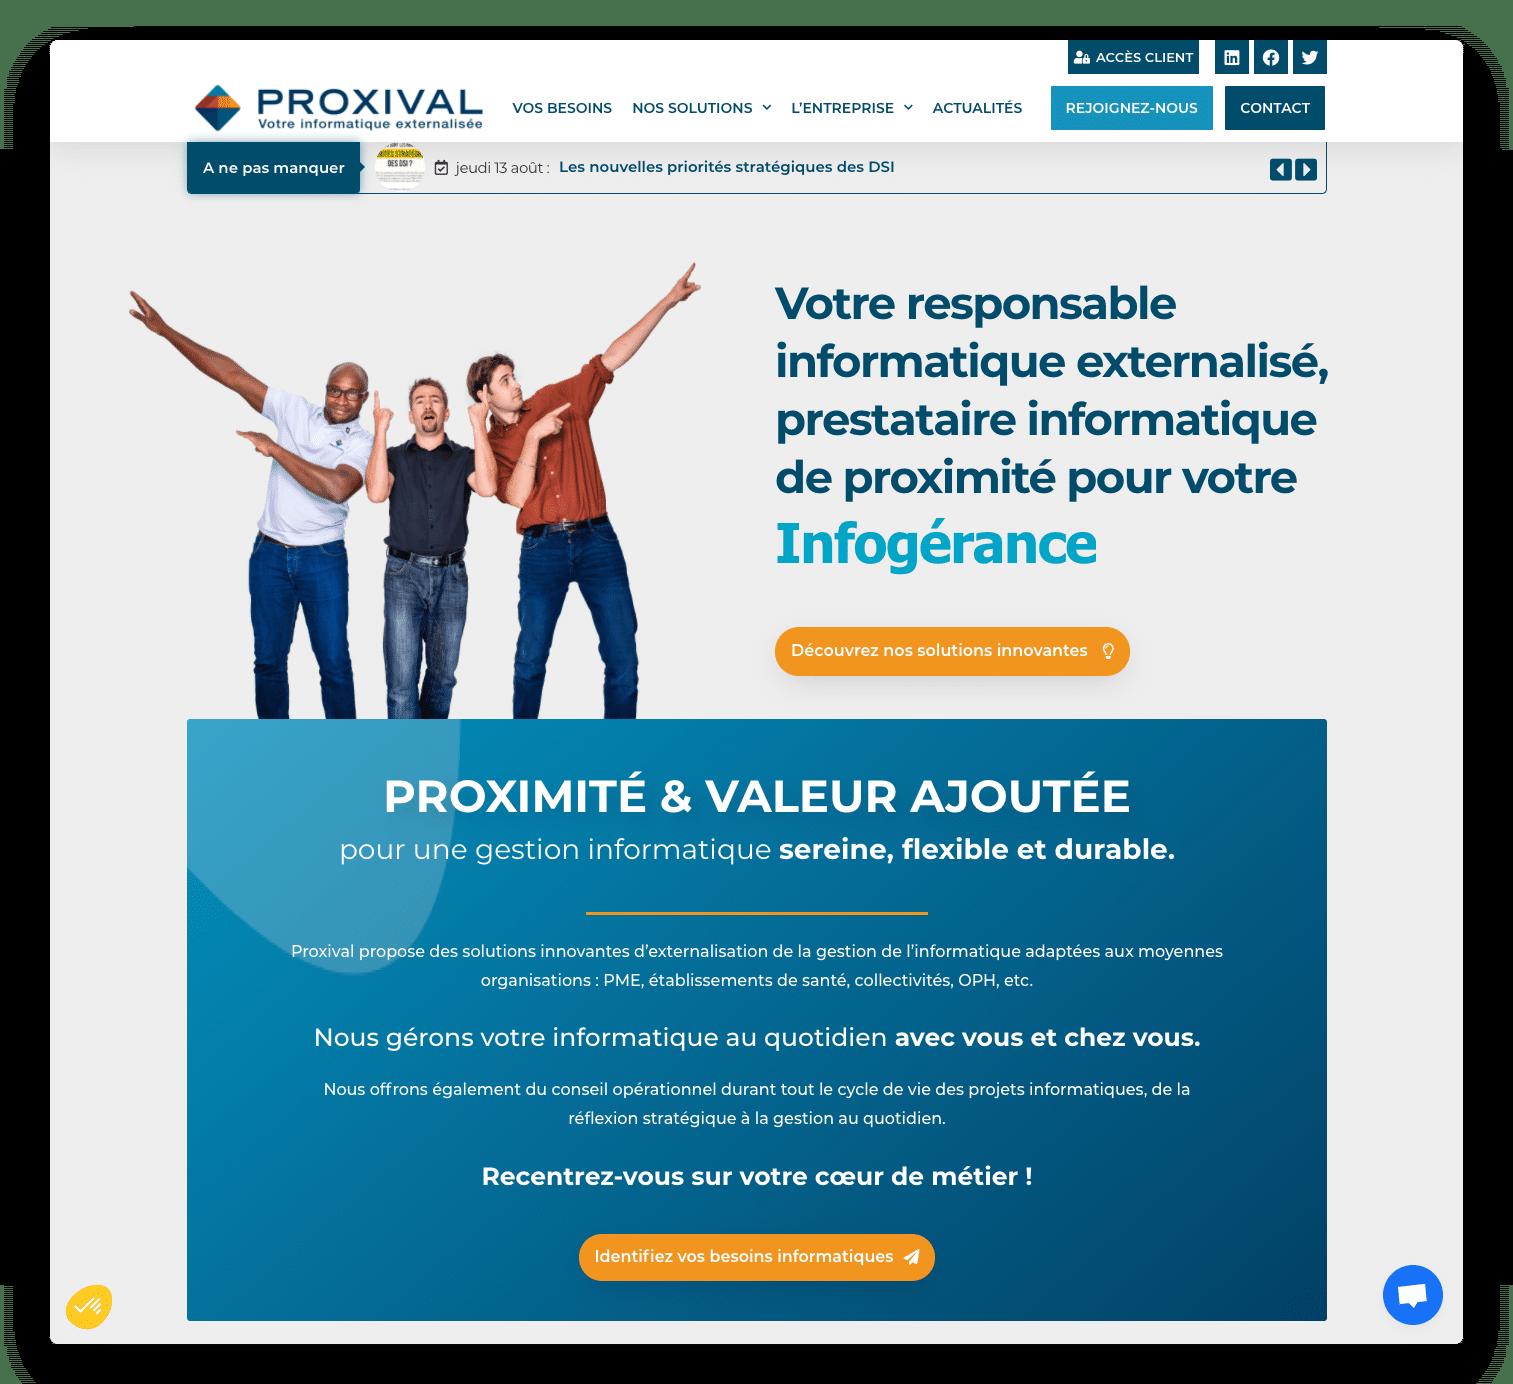 refonte site internet proxival.com